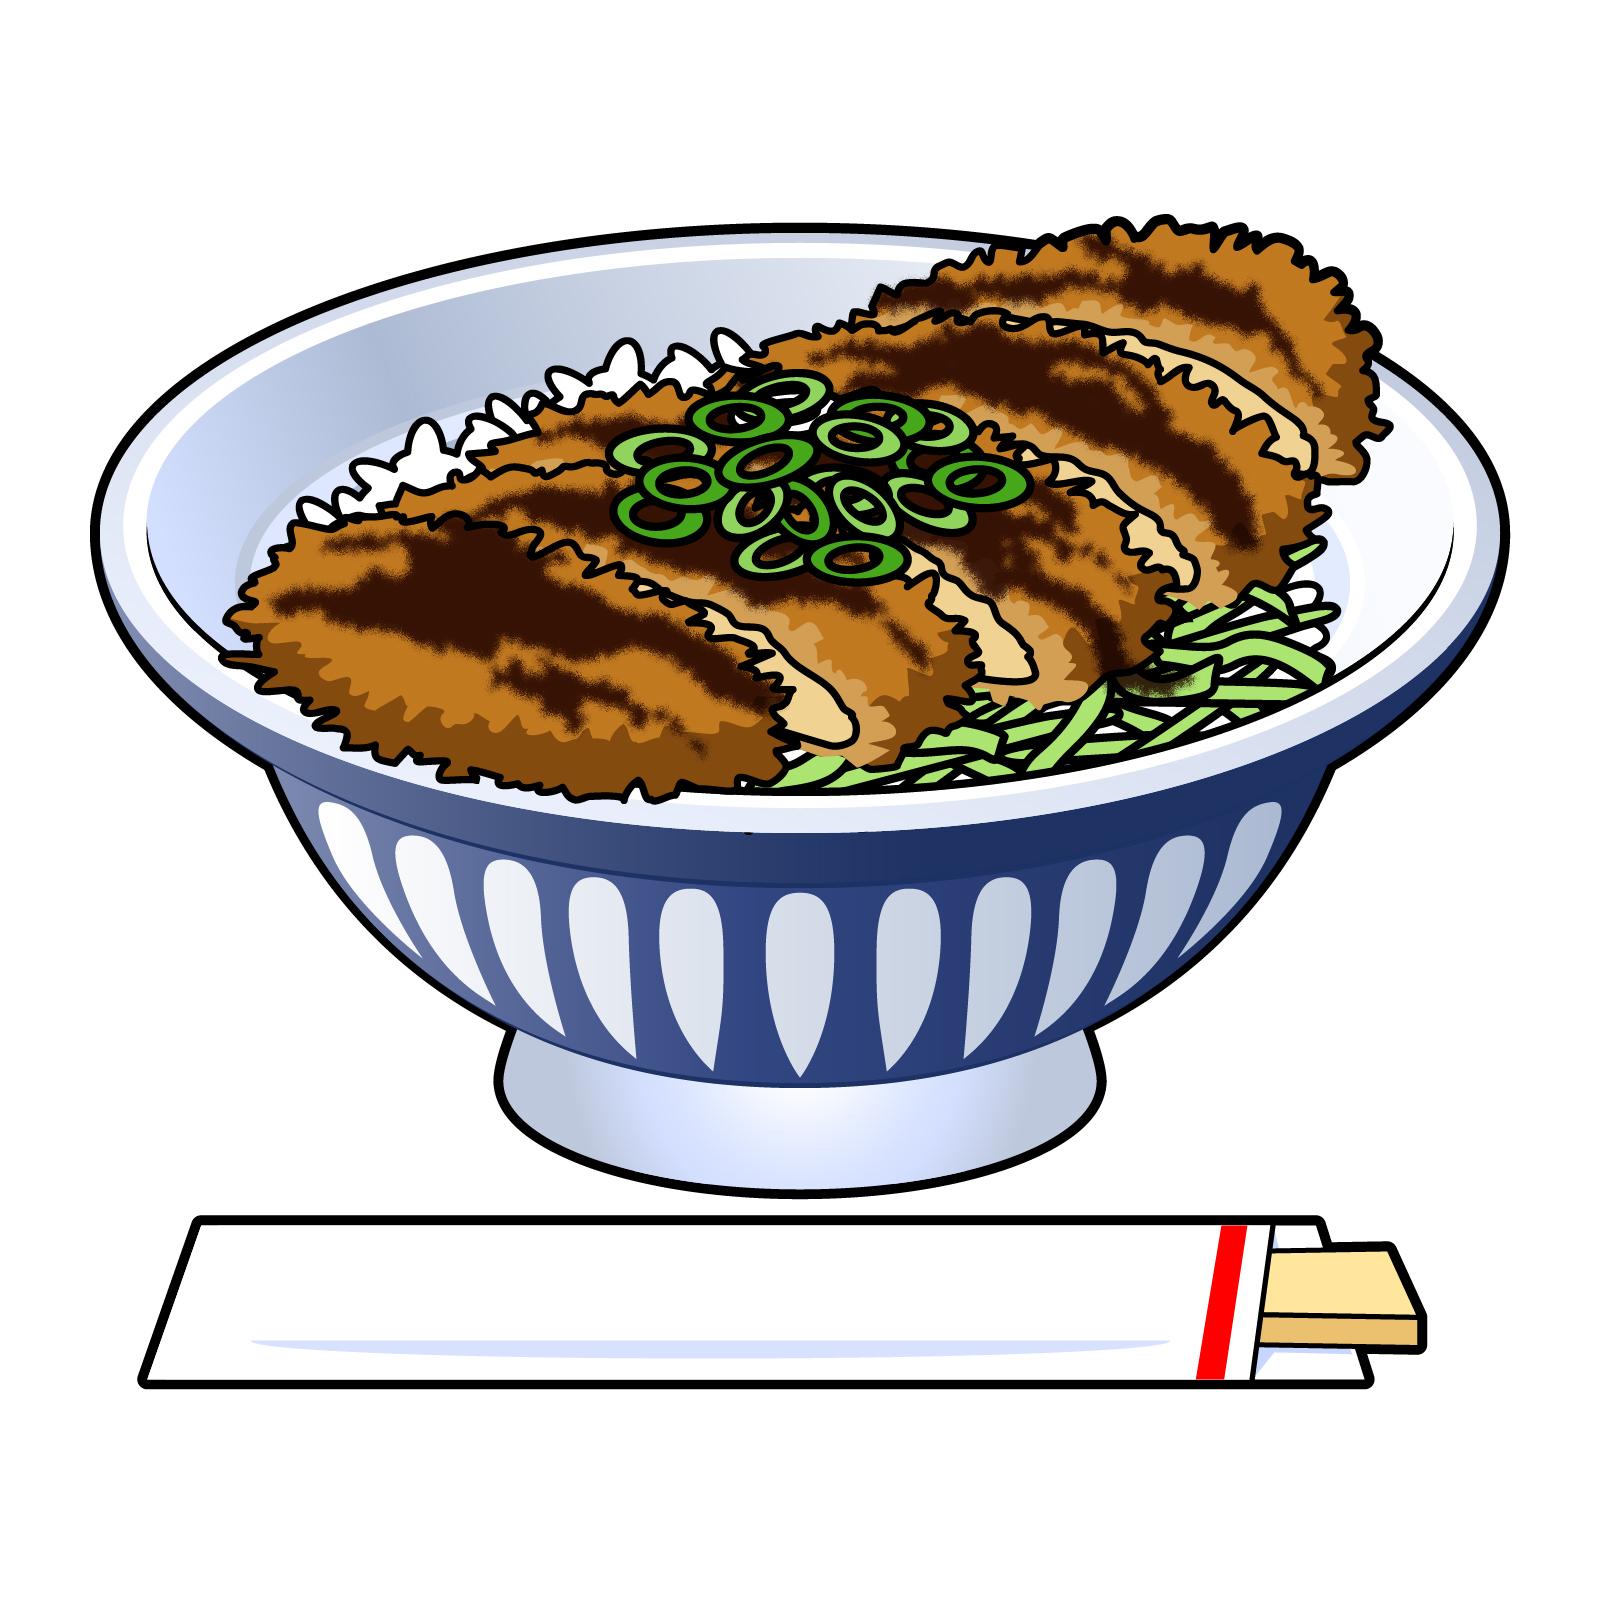 ソースカツ丼イラスト